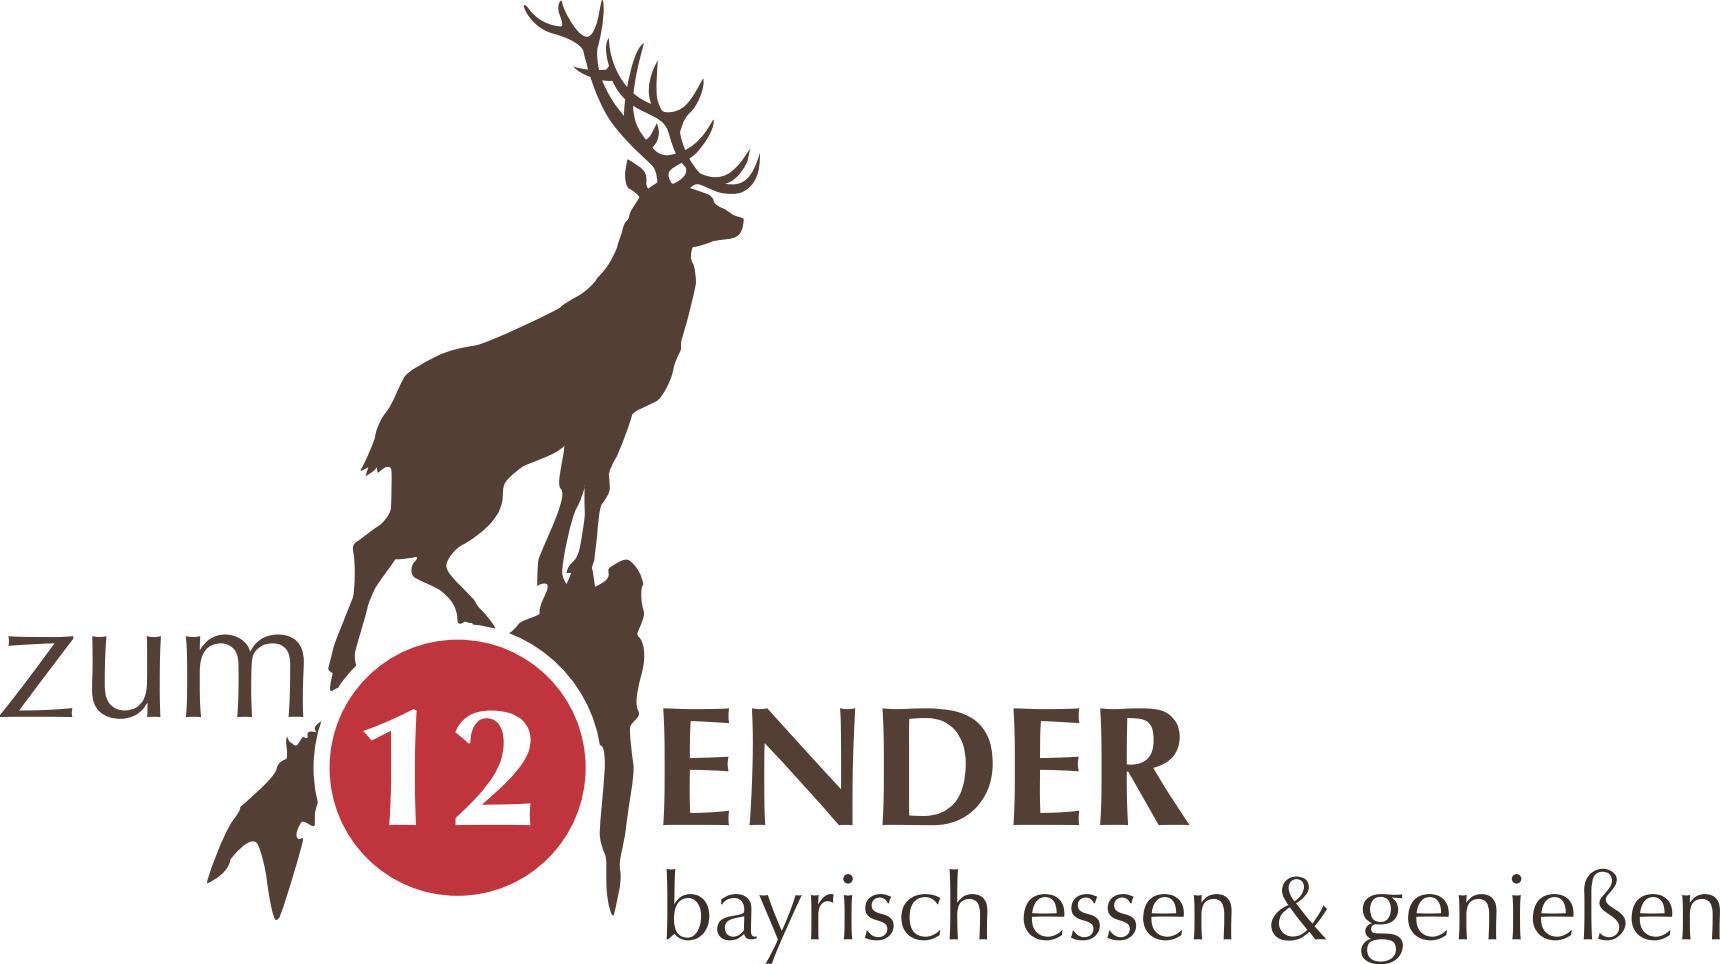 zum 12 ENDER bayrisch essen & geniesen